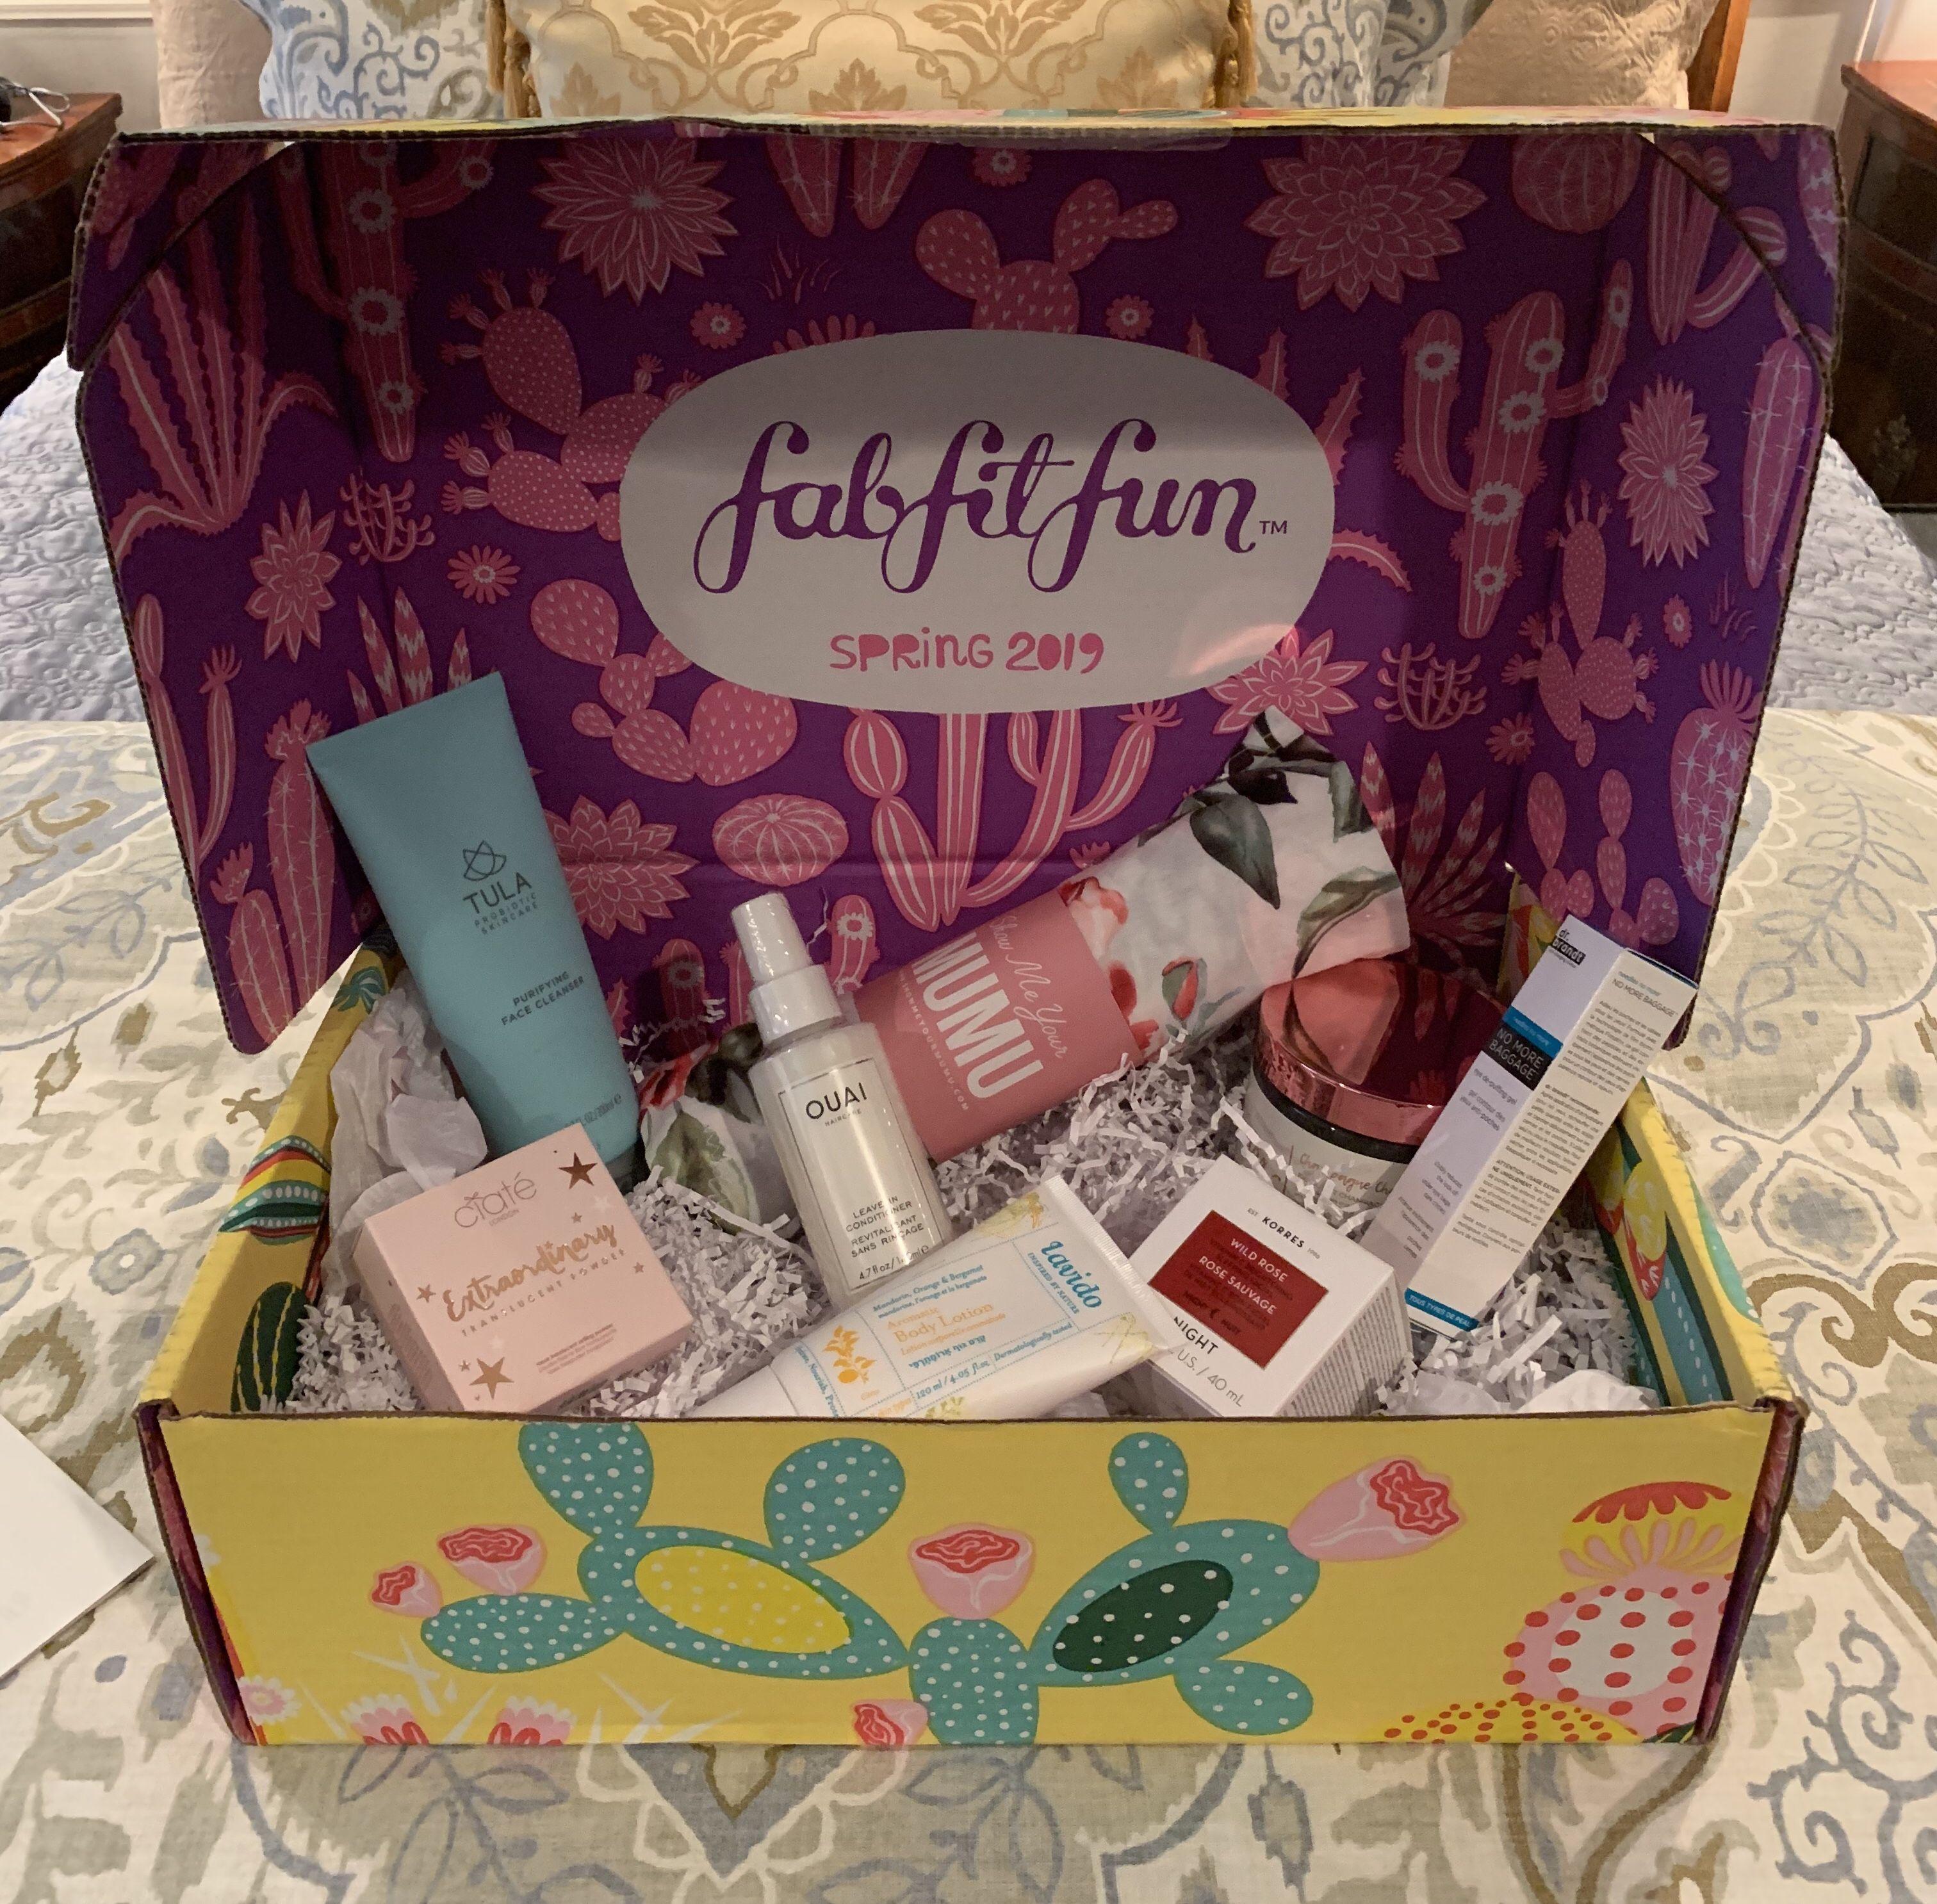 Fab fit fun spring 2019 box fab fit fun box fabfitfun